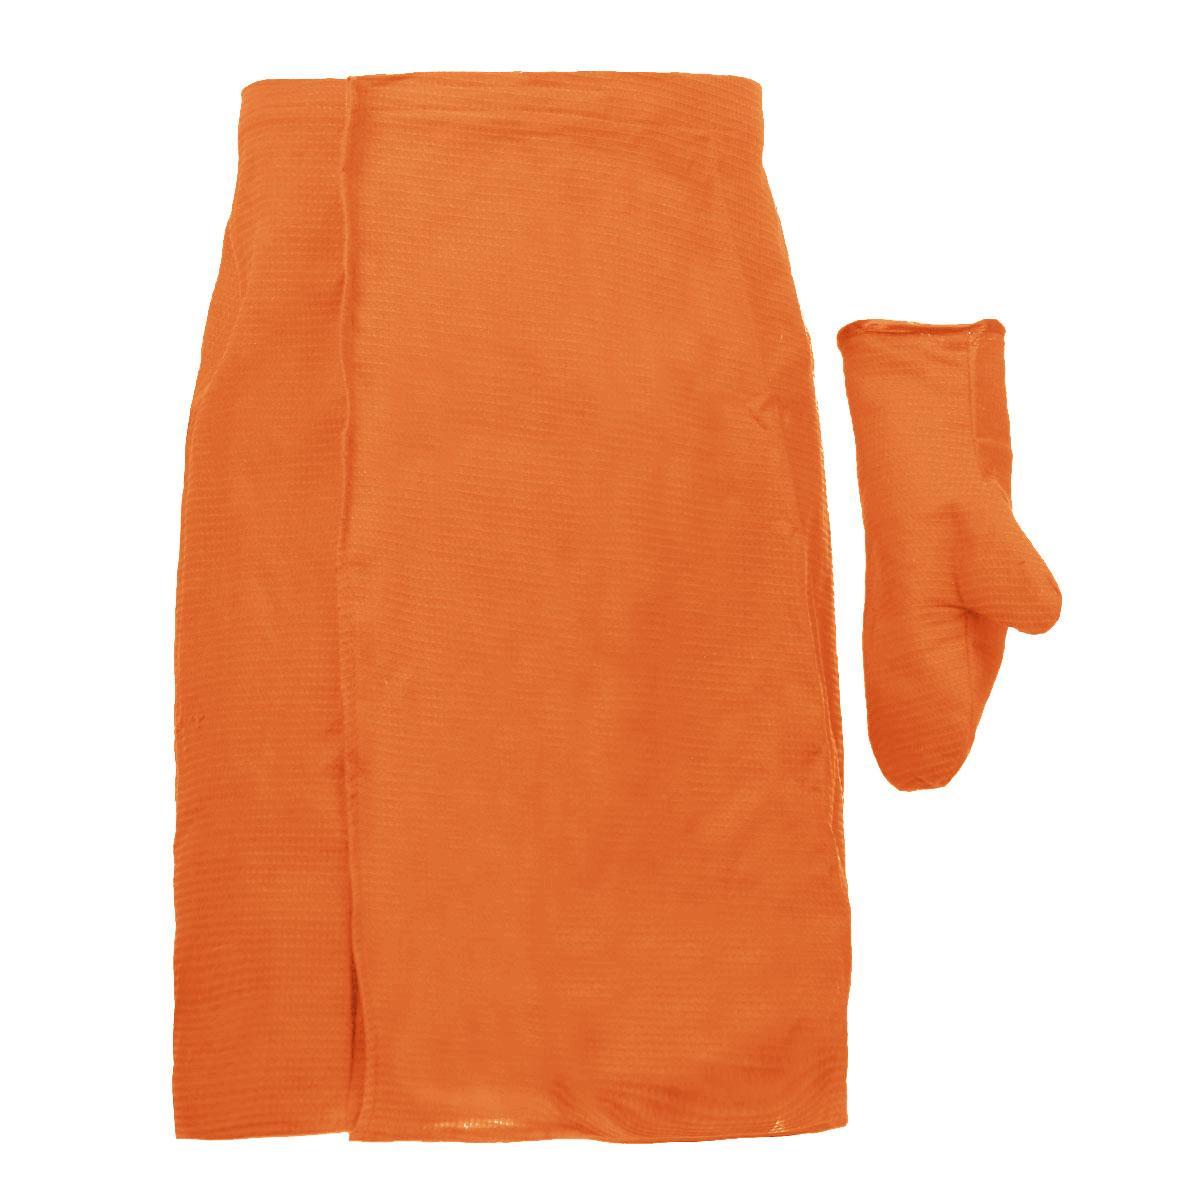 Комплект для бани и сауны Банные штучки, мужской, цвет: оранжевый, 2 предмета. 3206432064_оранжевыйКомплект для сауны и бани Банные штучки изготовлен из натурального, хорошо впитывающего влагу хлопка. Комплект состоит из однотонной вафельной накидки и рукавицы.Накидка специального кроя снабжена резинкой и застежкой-липучкой. Имеет универсальный размер. В парилке можно лежать на ней, после душа вытираться. Рукавица защитит ваши руки от ожогов, может использоваться для массажа тела. Комплект создан для активных и уверенных в себе людей. Отдых в сауне или бане - это полезный и в последнее время популярный способ времяпровождения. Комплект Банные штучки обеспечит вам комфорт и удобство. Размер накидки: 60 см х 145 см. Размер рукавицы: 27 см х 18,5 см.